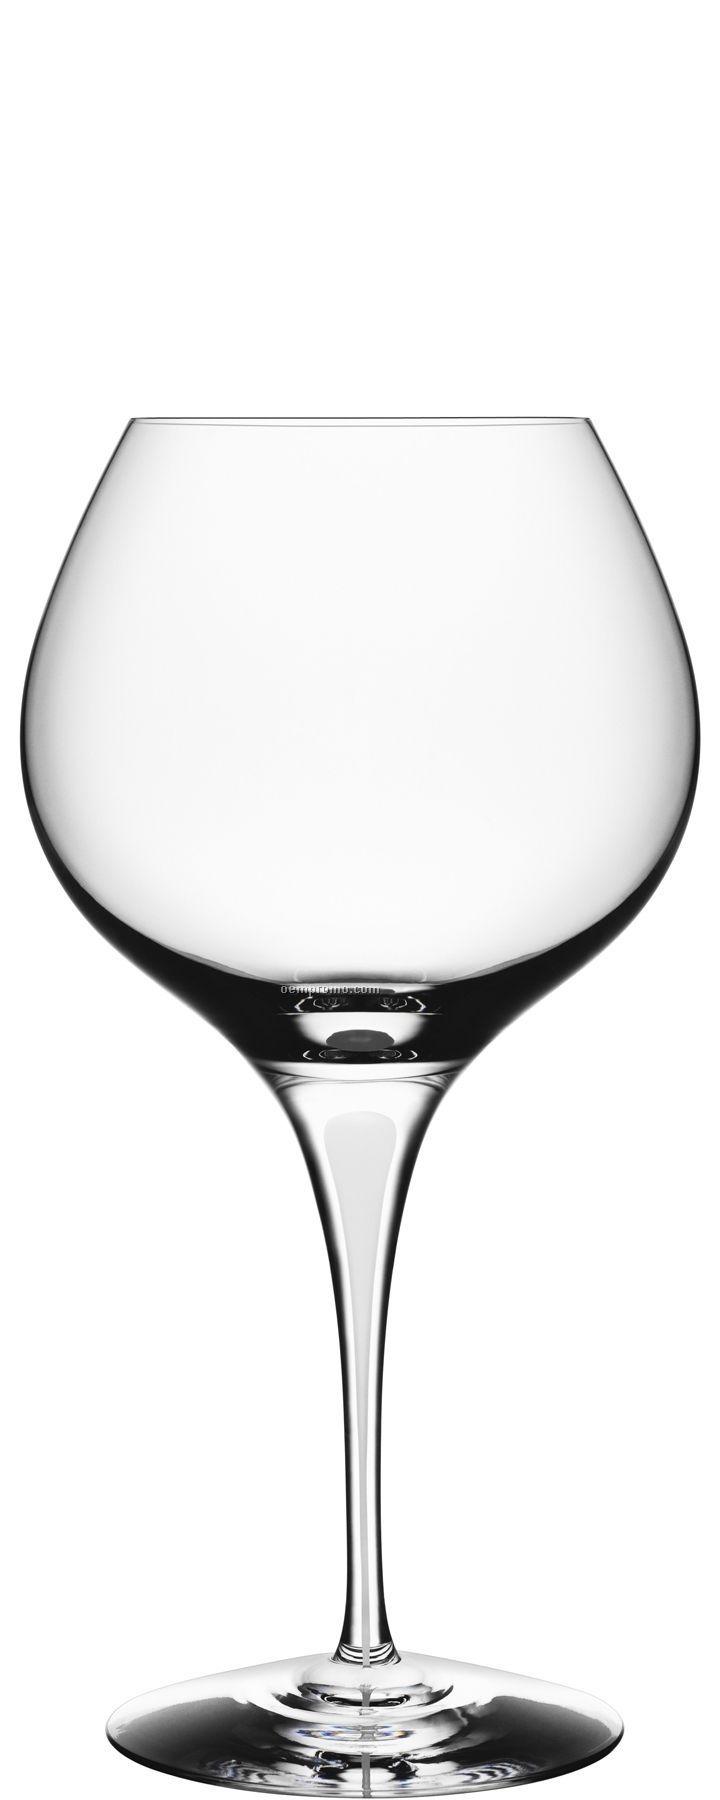 Intermezzo Crystal Satin Bouquet Wine Glass W/ White Drop